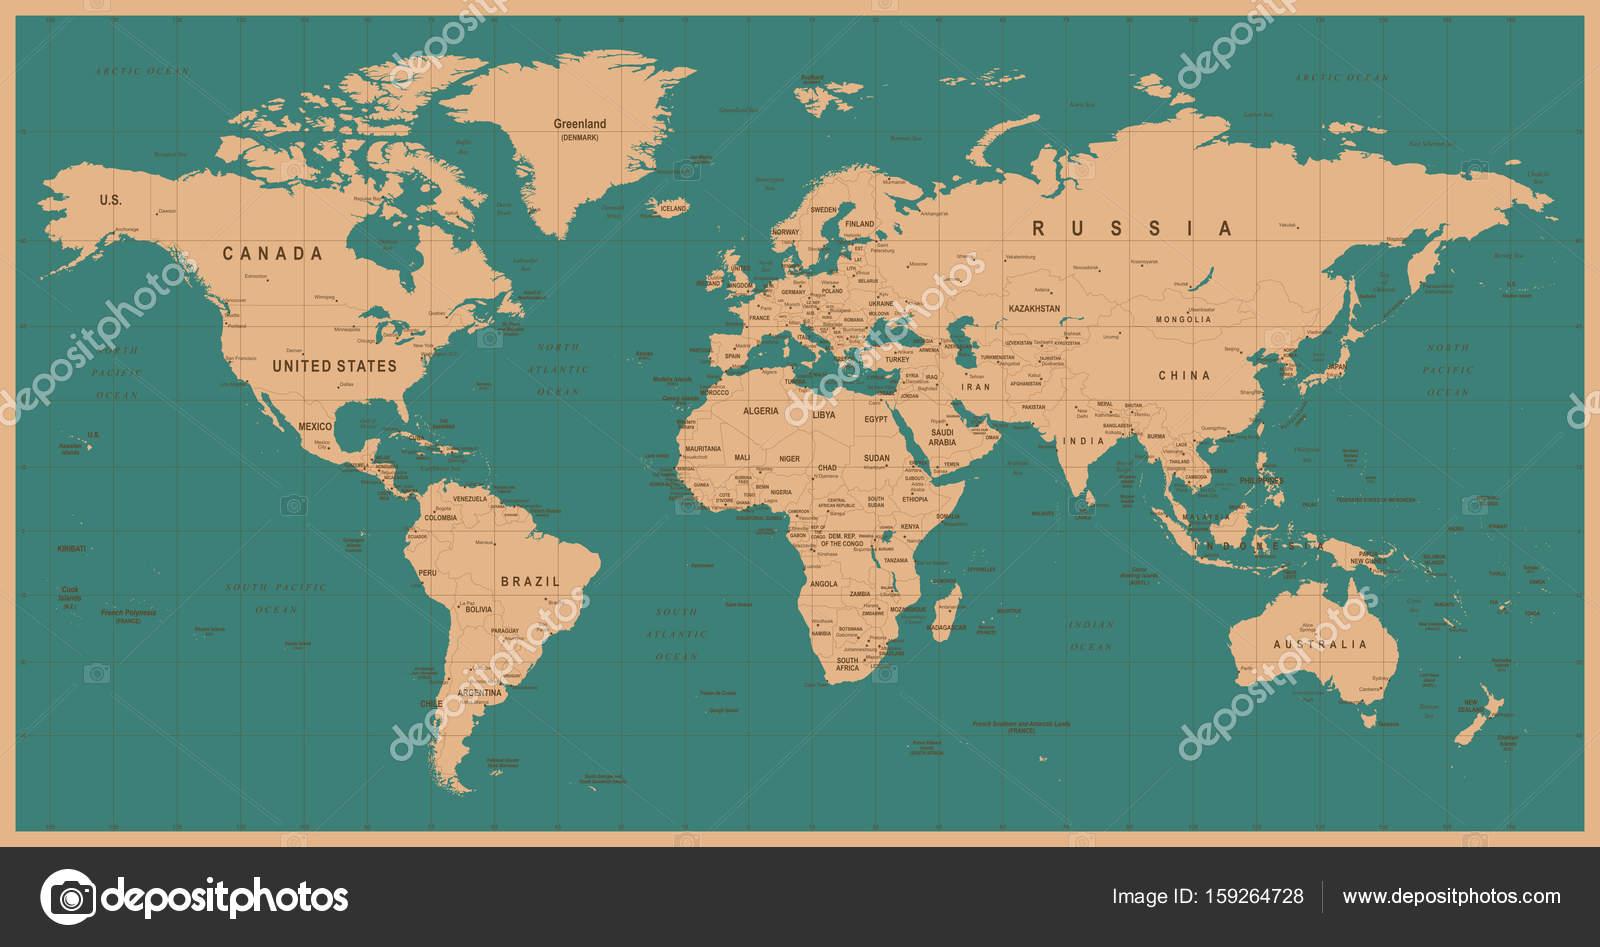 World map vector vintage detailed illustration of worldmap stock world map vector vintage detailed illustration of worldmap stock vector gumiabroncs Images